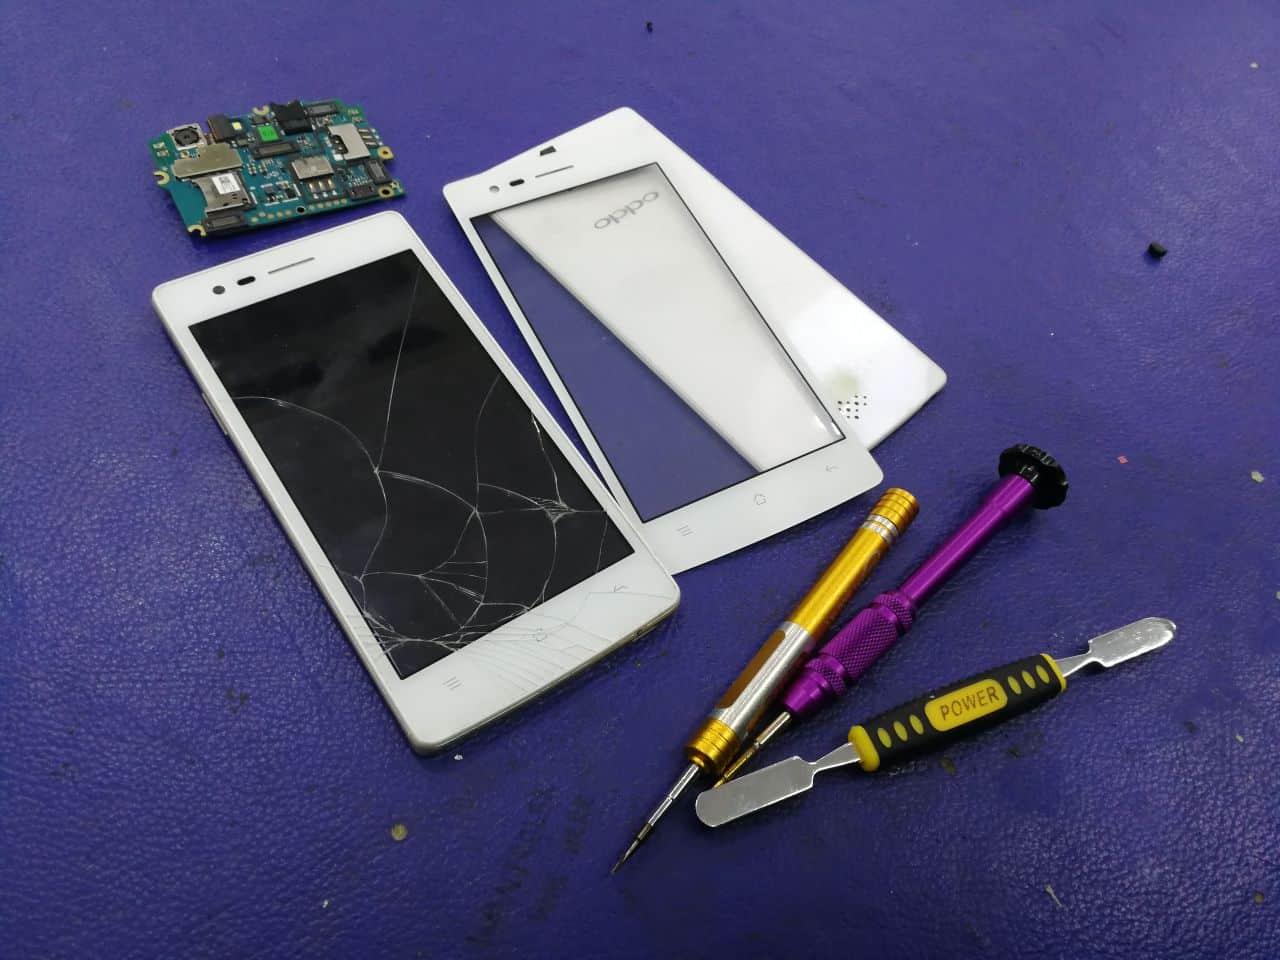 Kerosakan yang Mungkin Terjadi Apabila Telefon Pintar Terjatuh